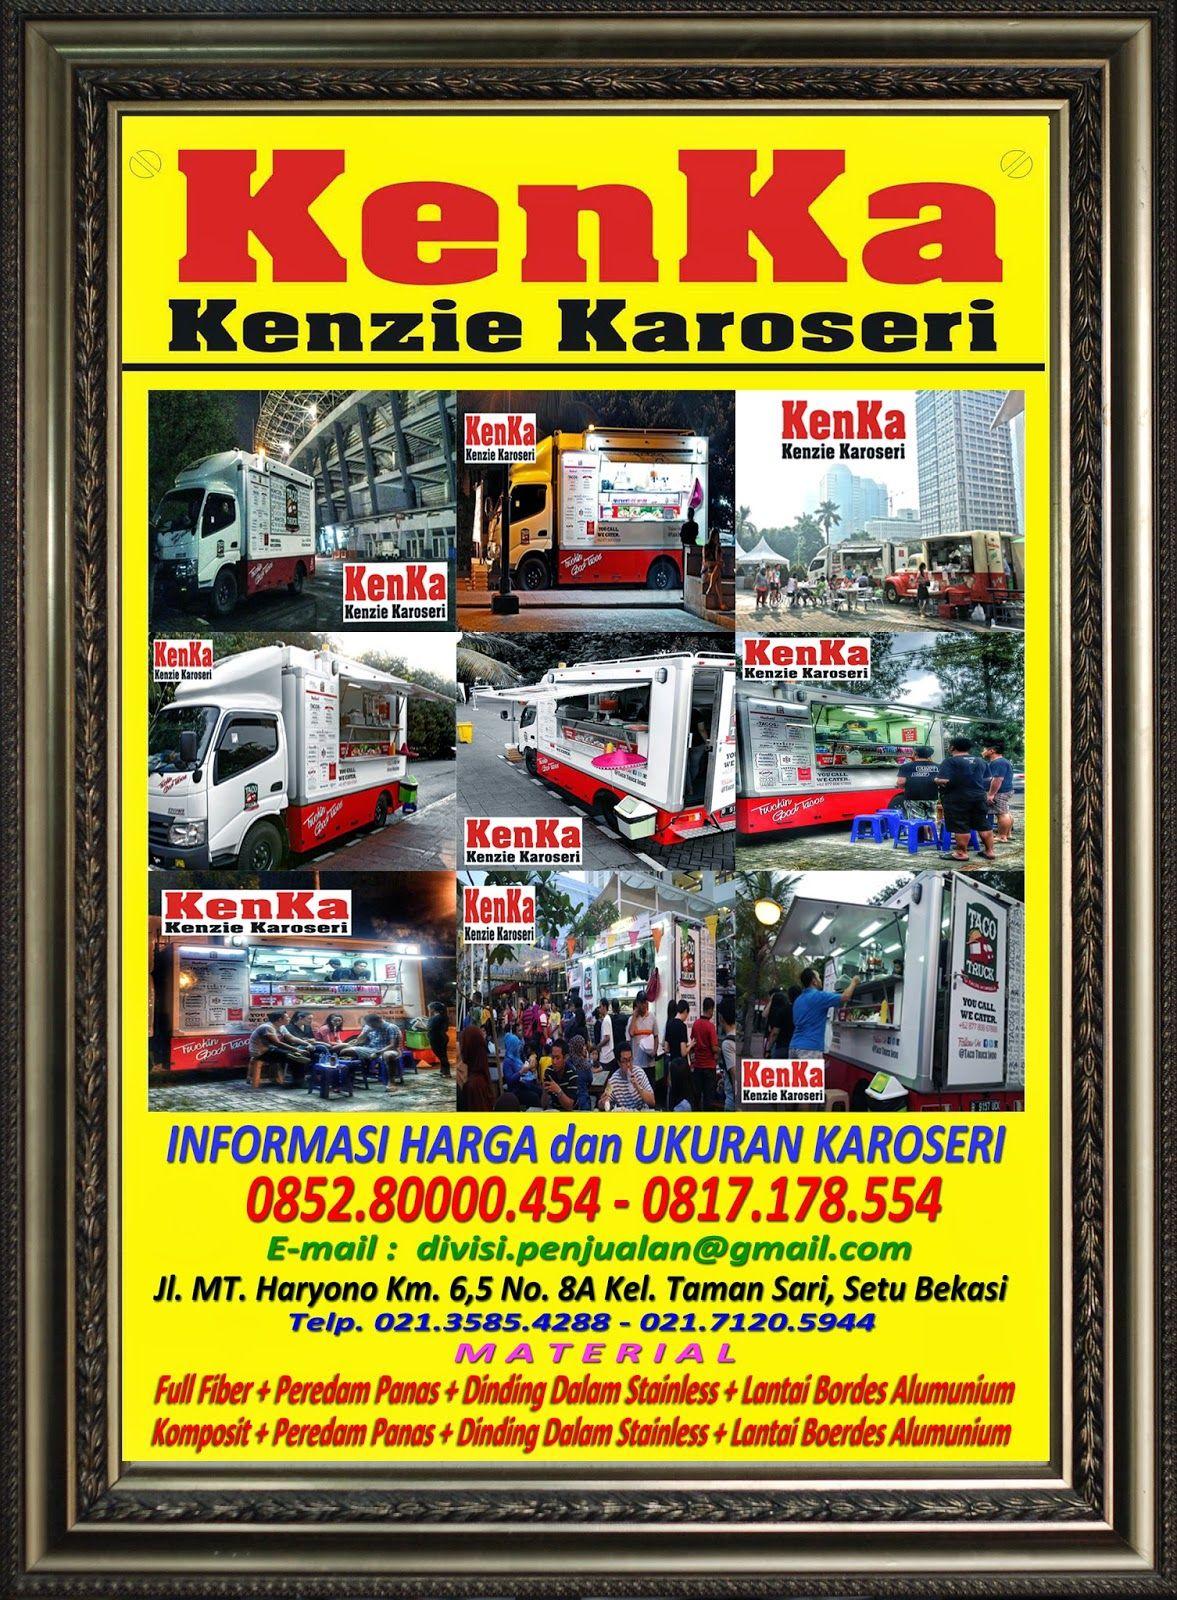 Informasi Harga Pembuatan Karoseri Food Truck SEGERA KUNJUNGI WEBSITE KAMI